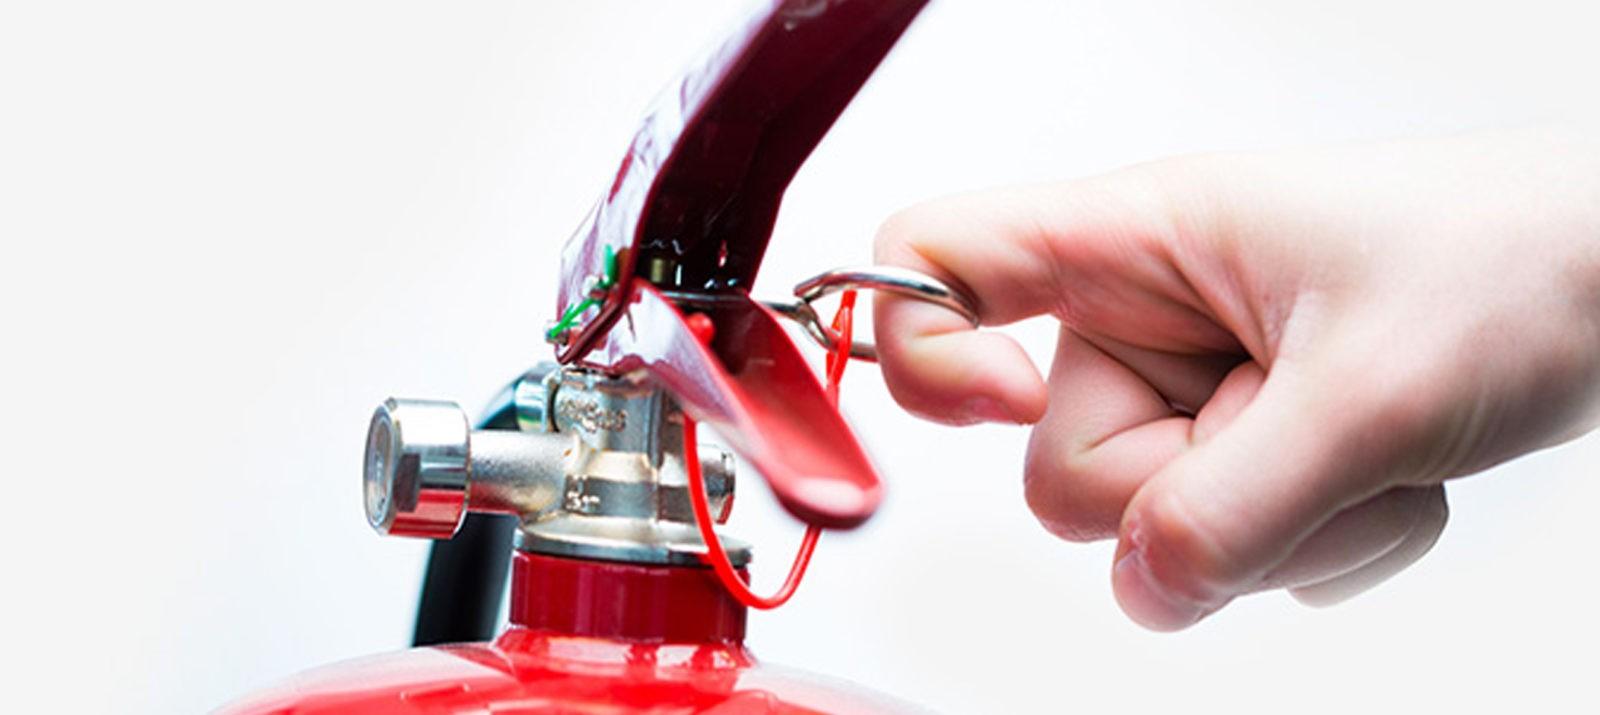 Ответственный за пожарную безопасность помещения — кто он?